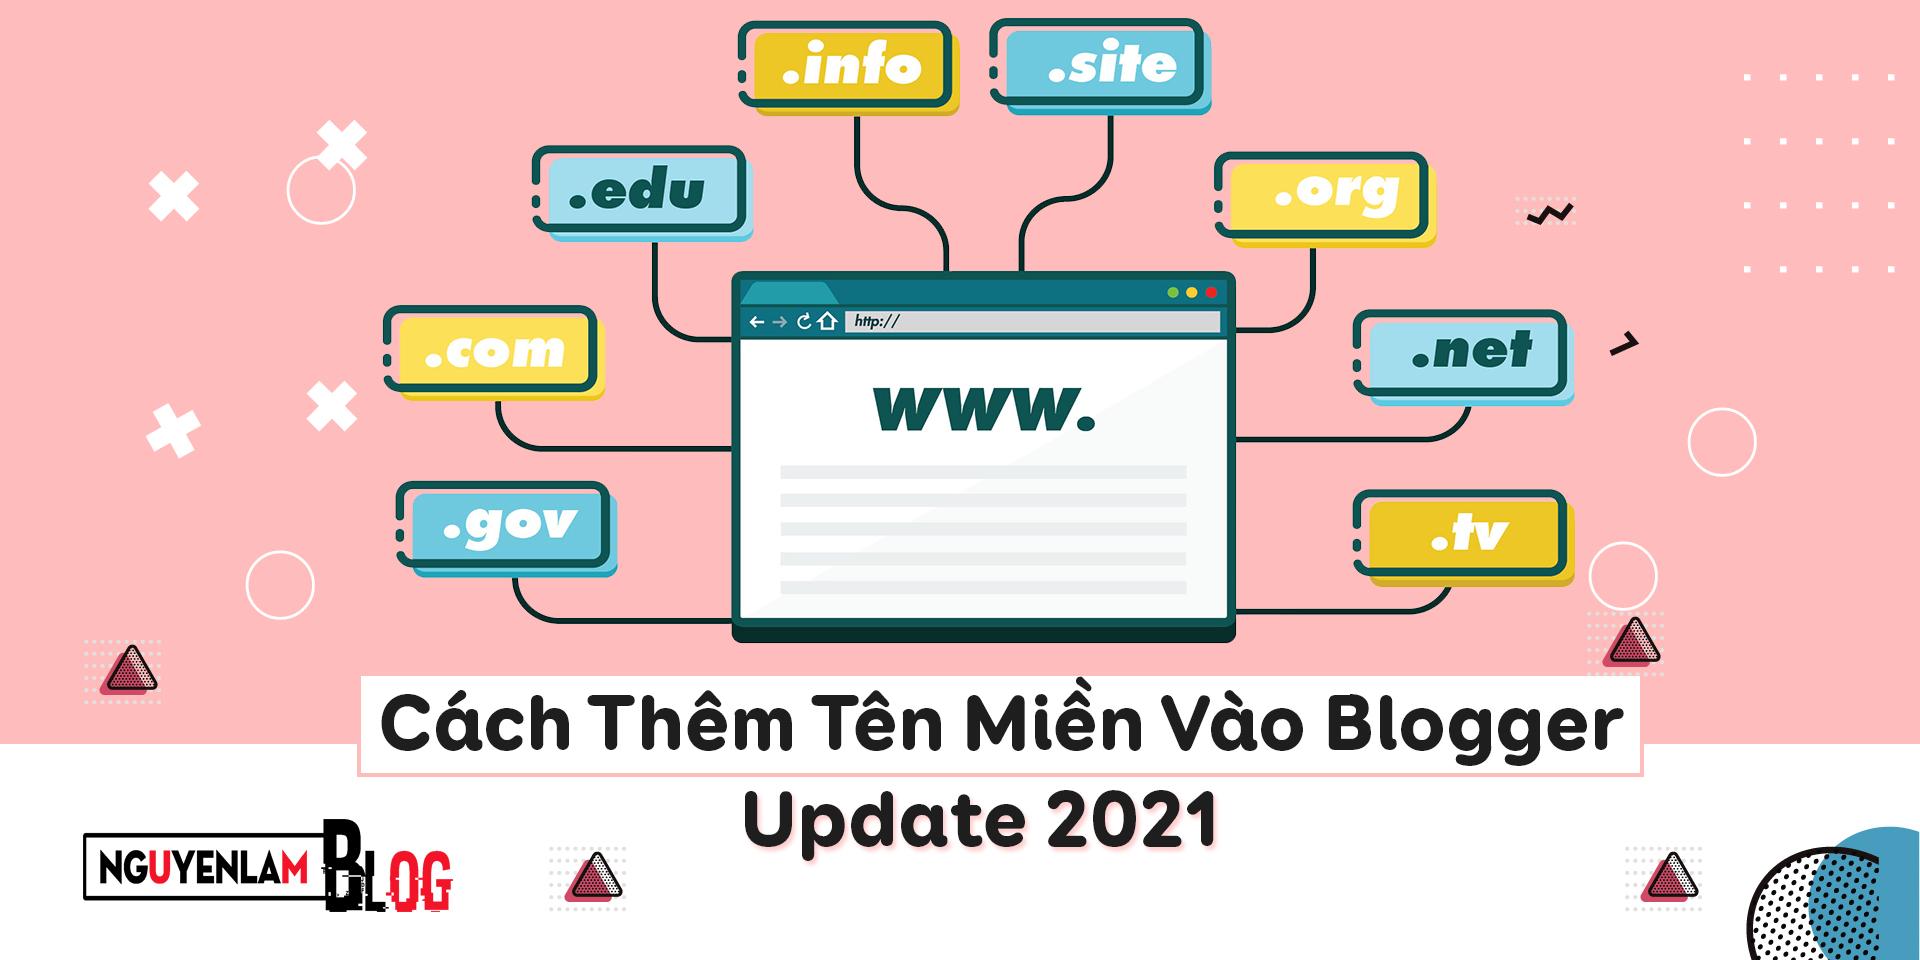 cach-them-ten-mien-vao-blogger